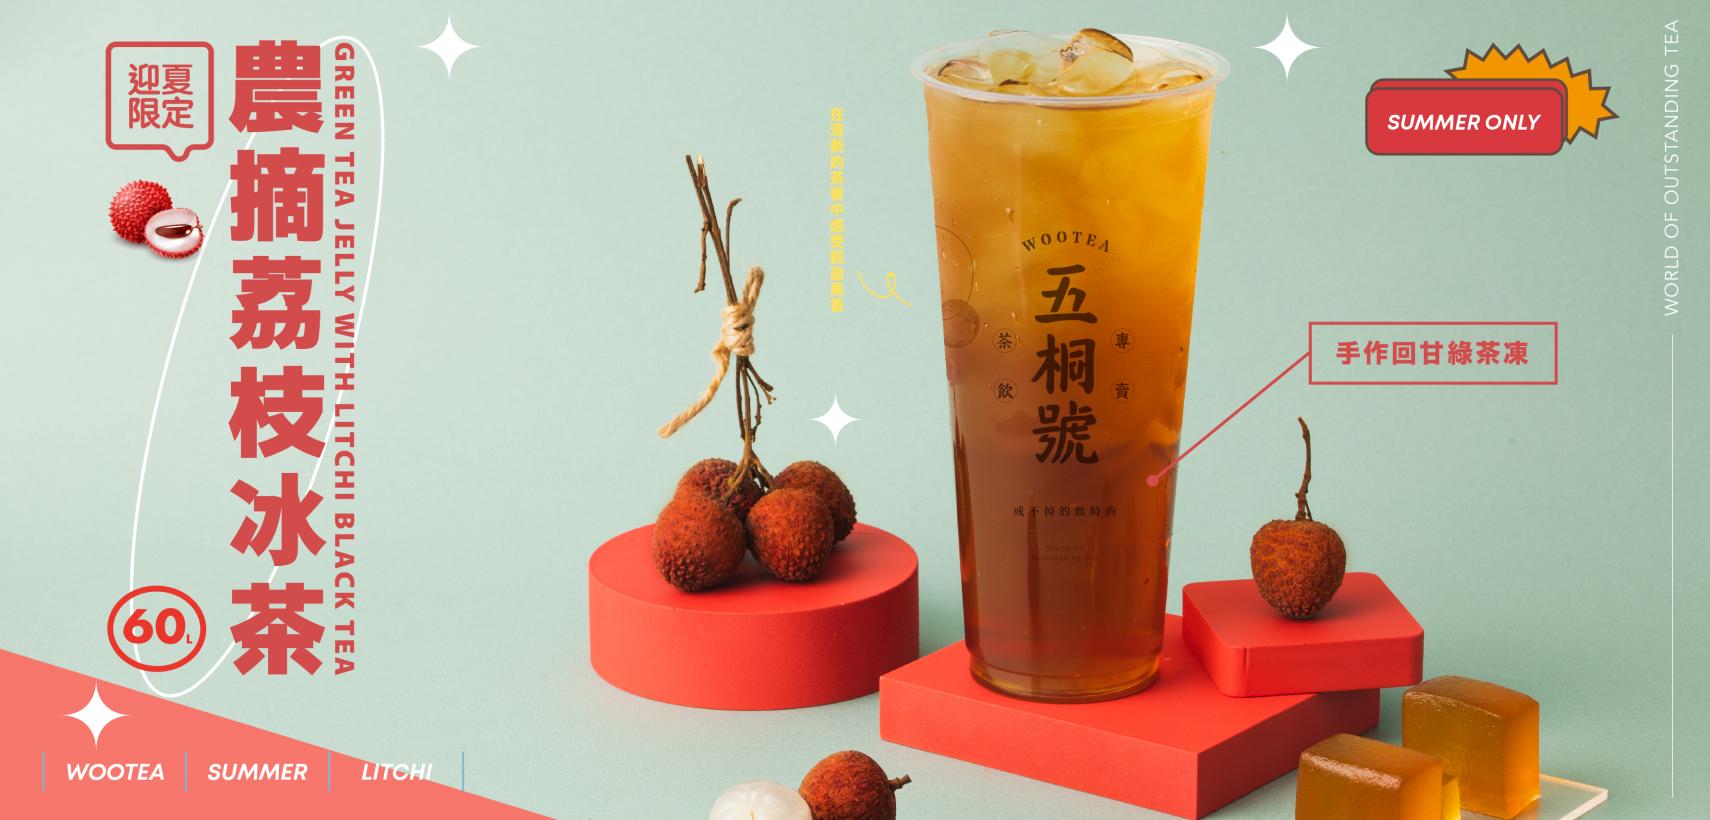 農摘荔枝冰茶